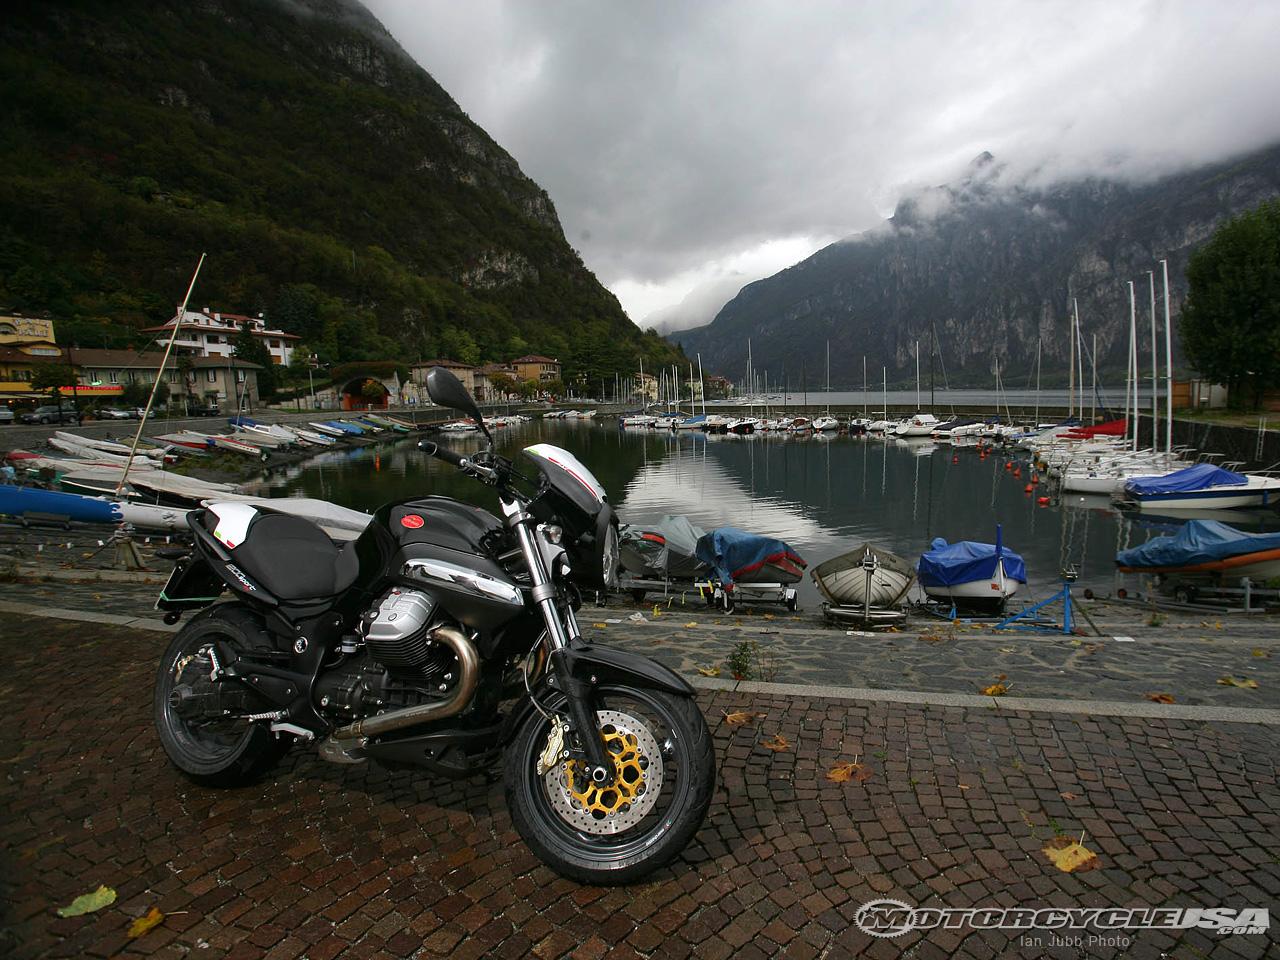 moto guzzi wallpaper (Moto Guzzi 1200 Sport)